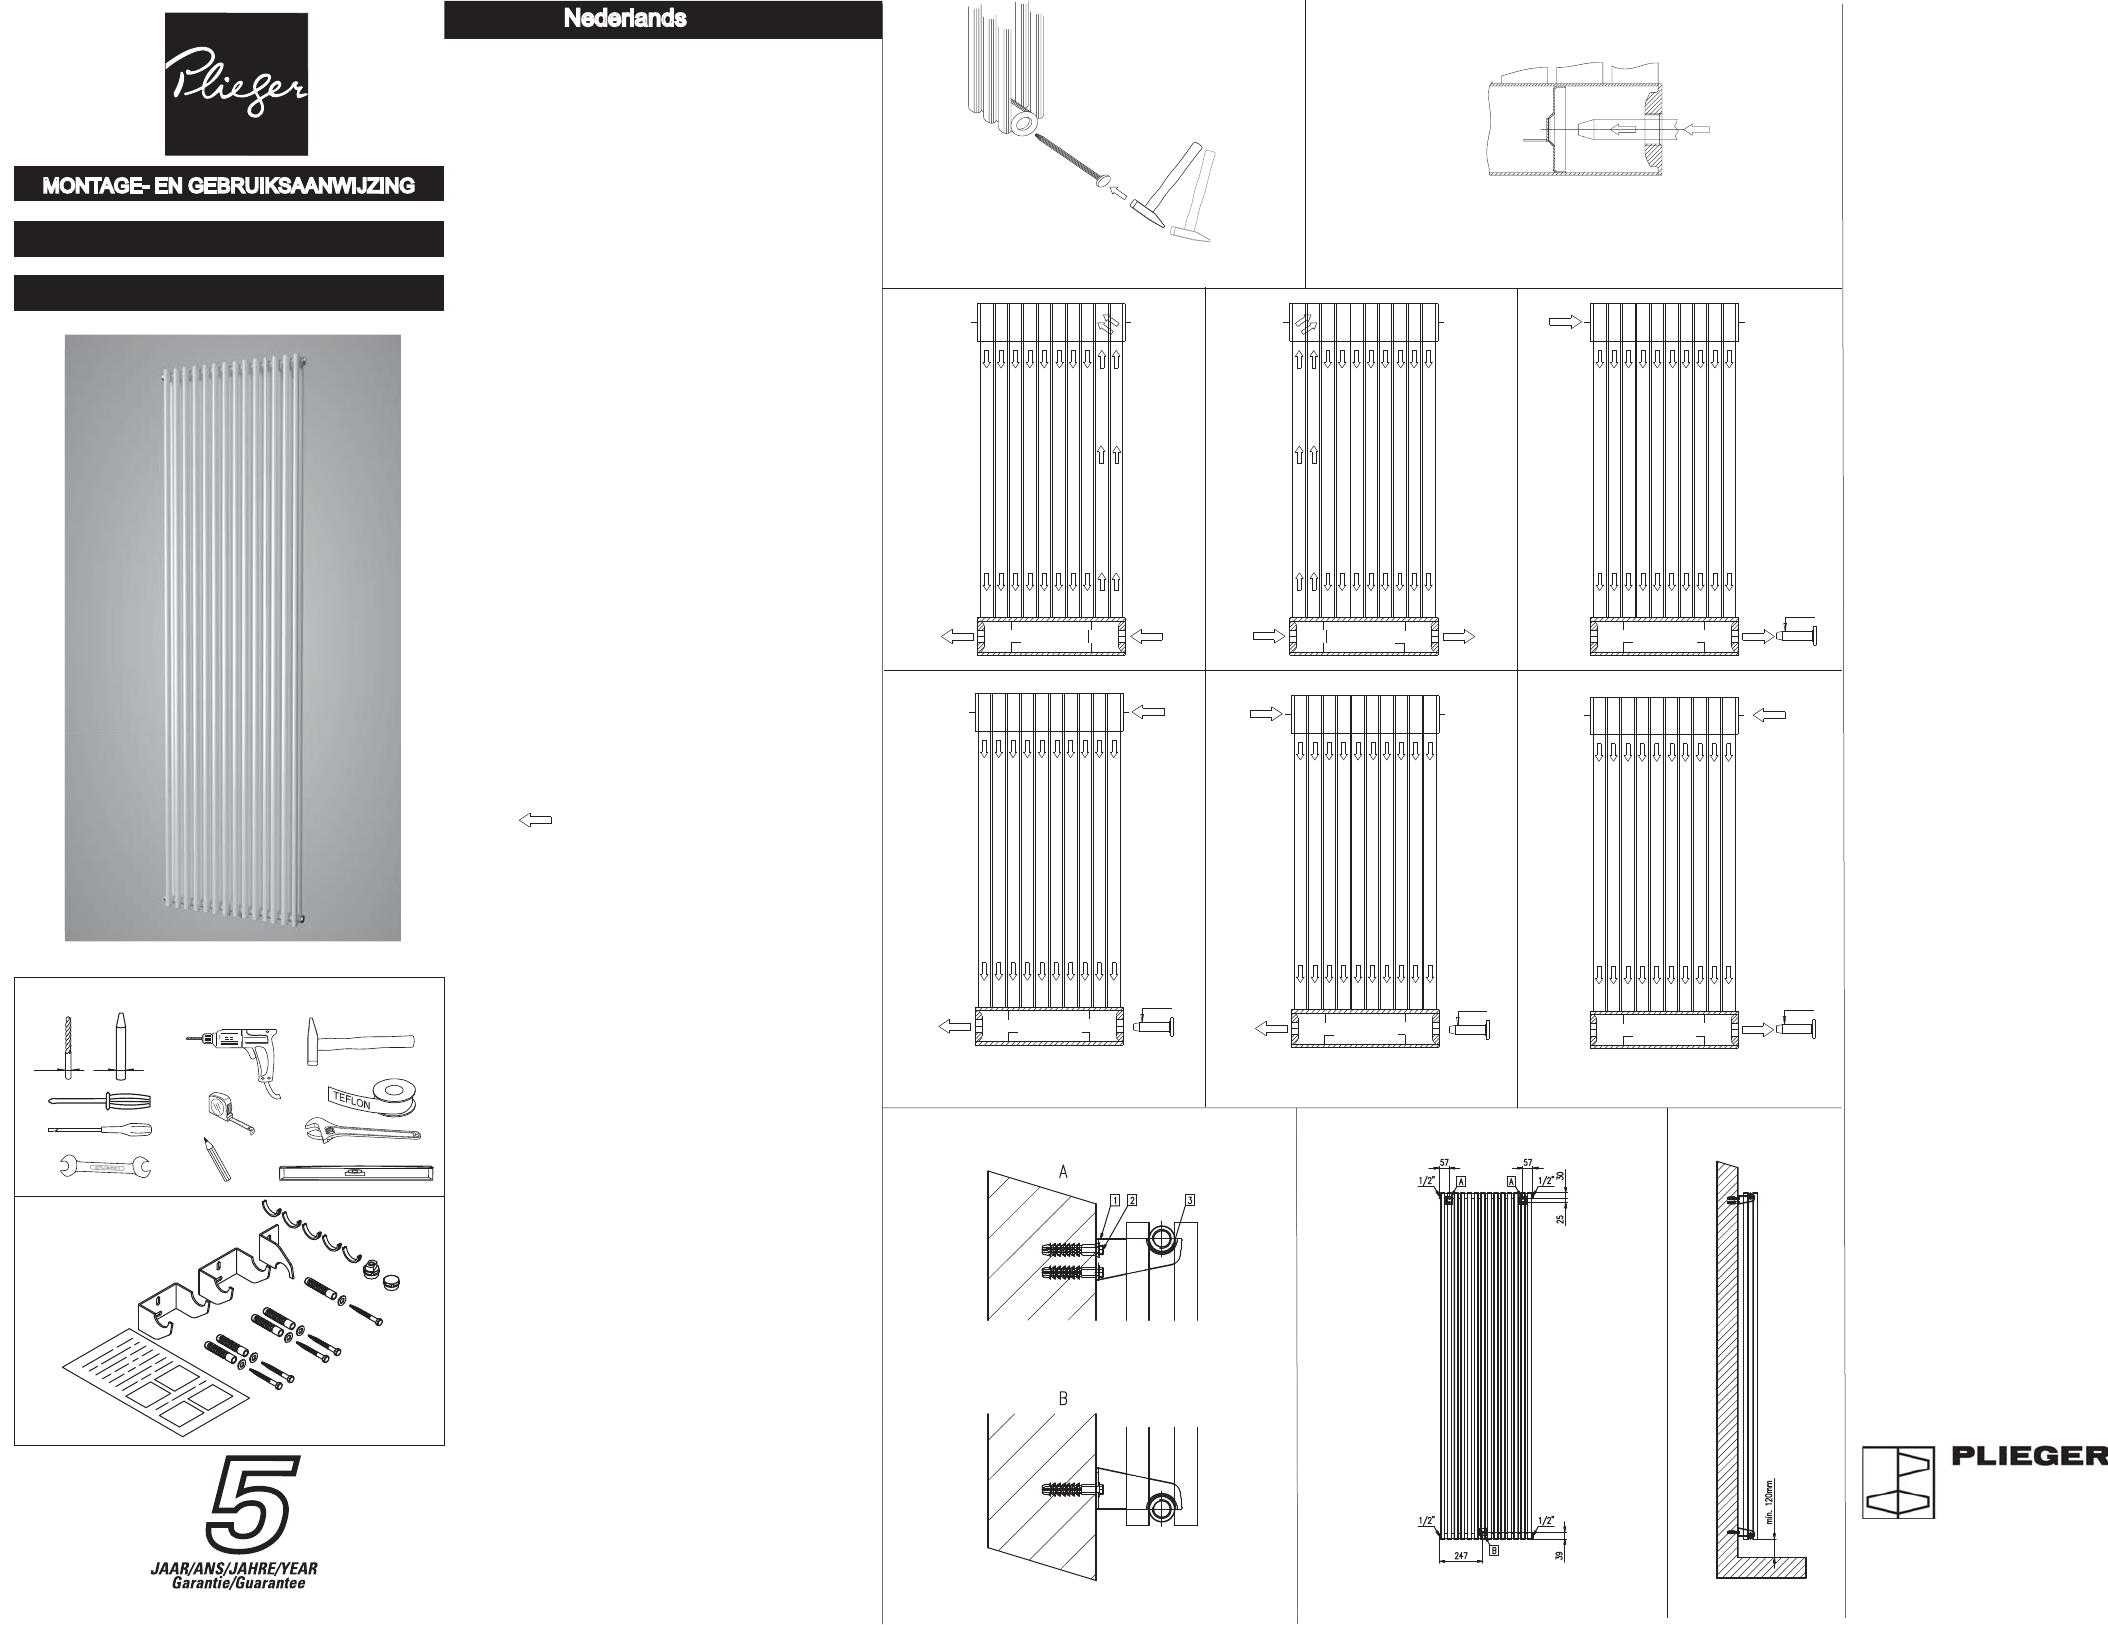 Plieger Radiator Ophangen.Handleiding Plieger Venezia Dubbel Pagina 1 Van 2